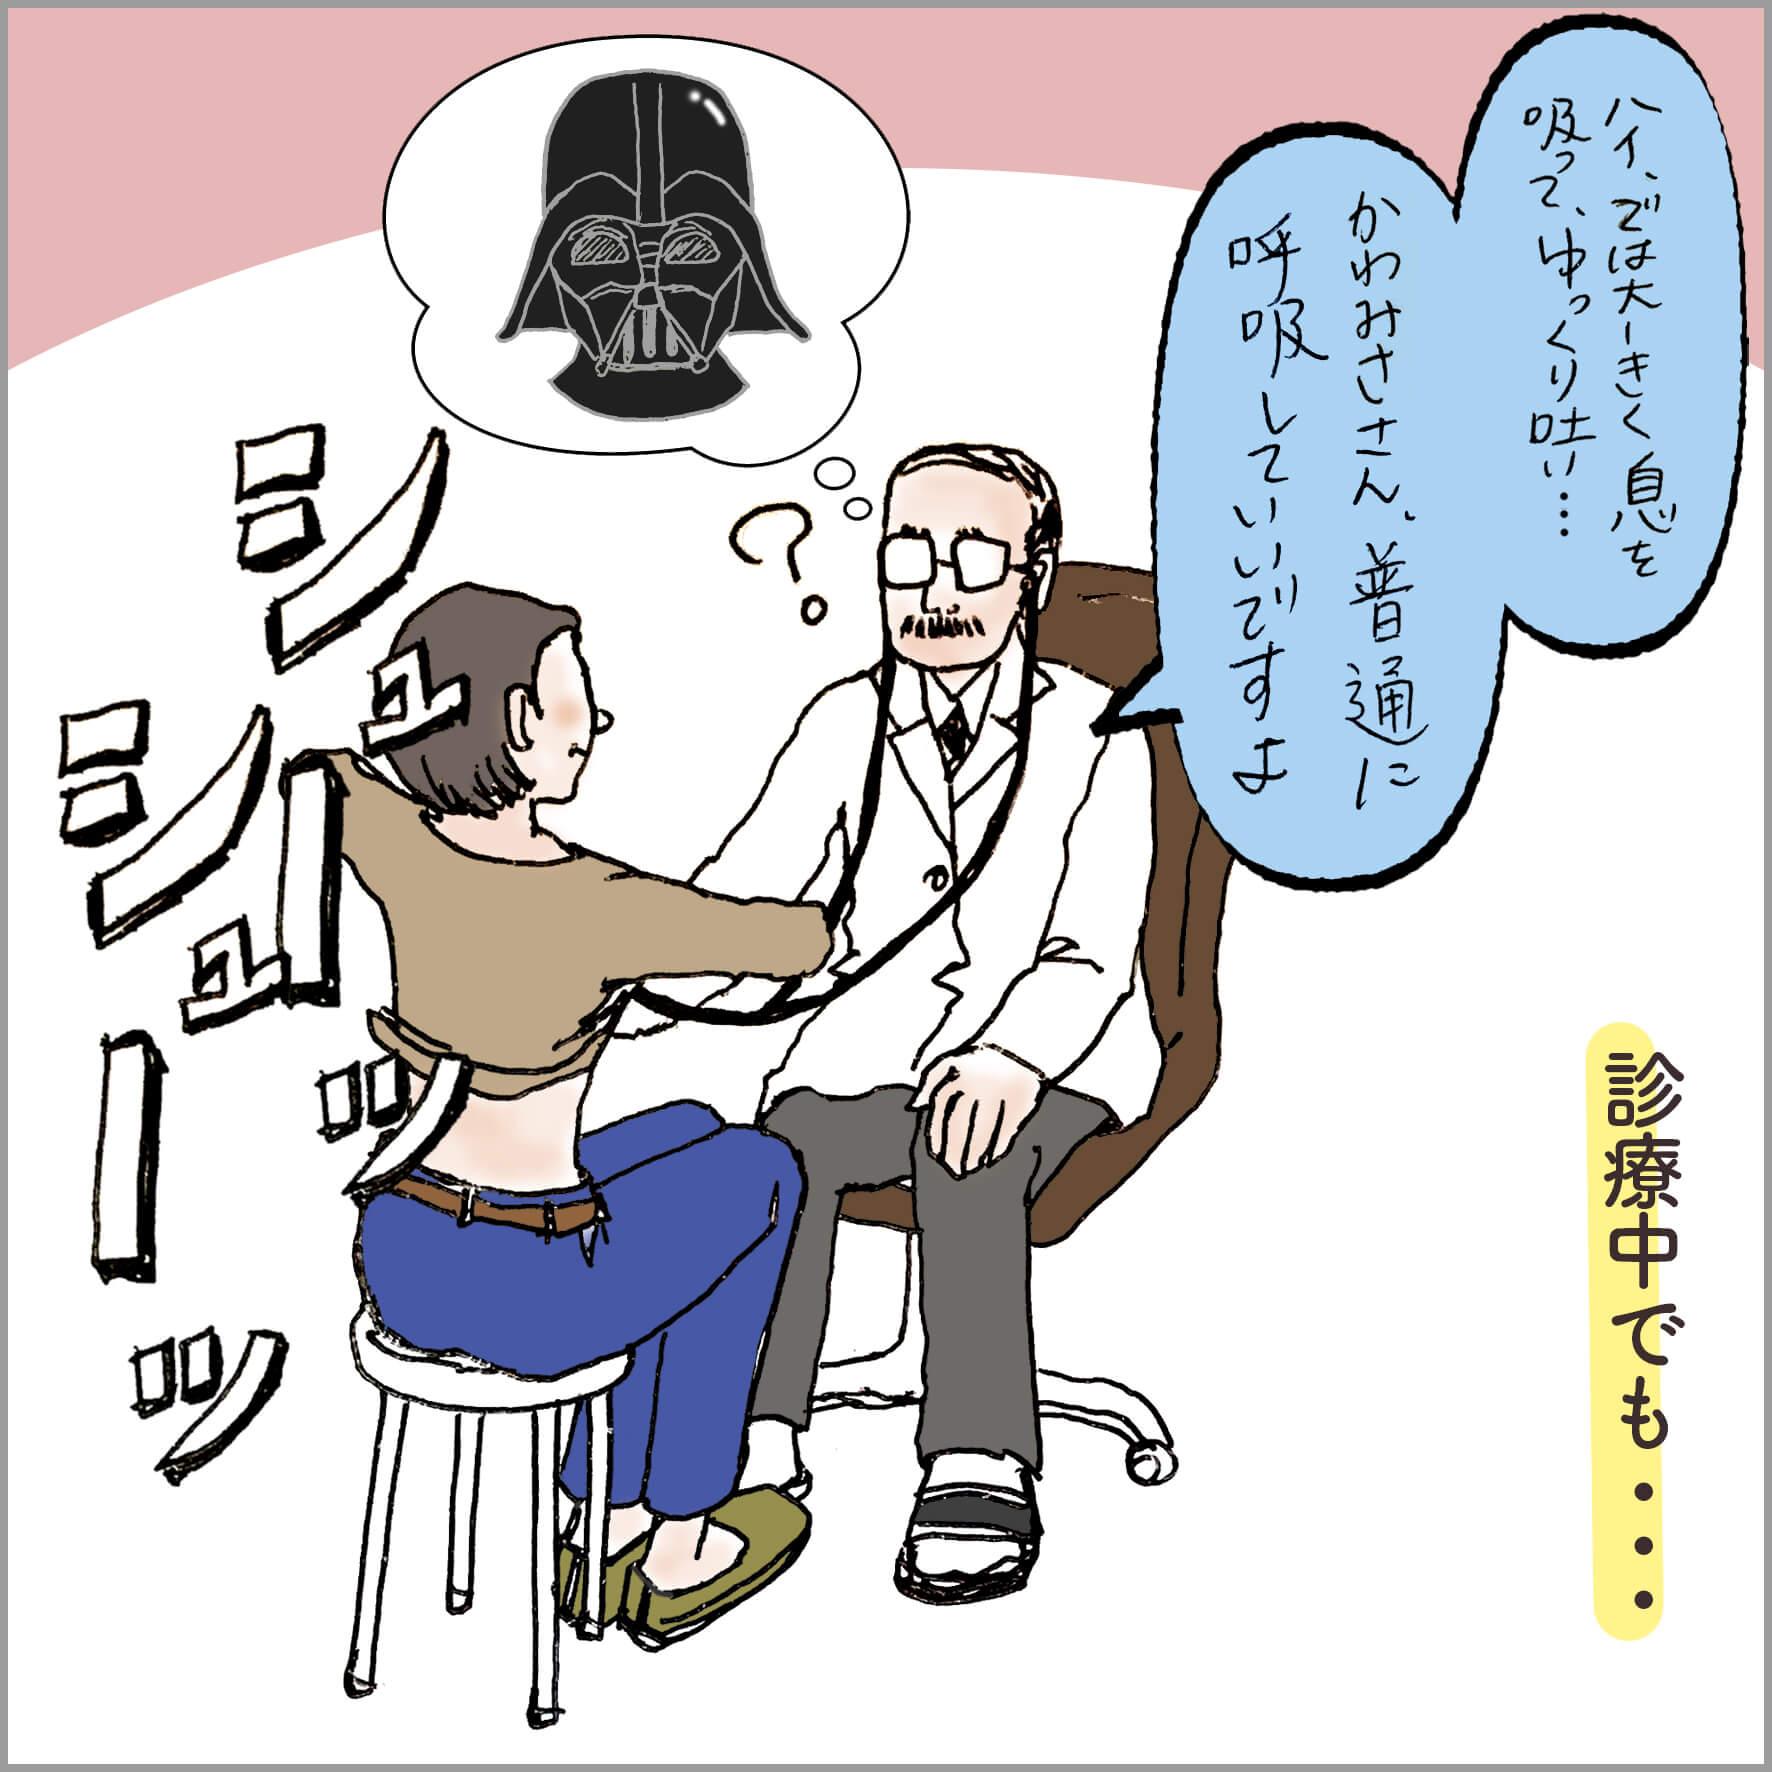 漫画の主人公が病院で診察を受けているところ